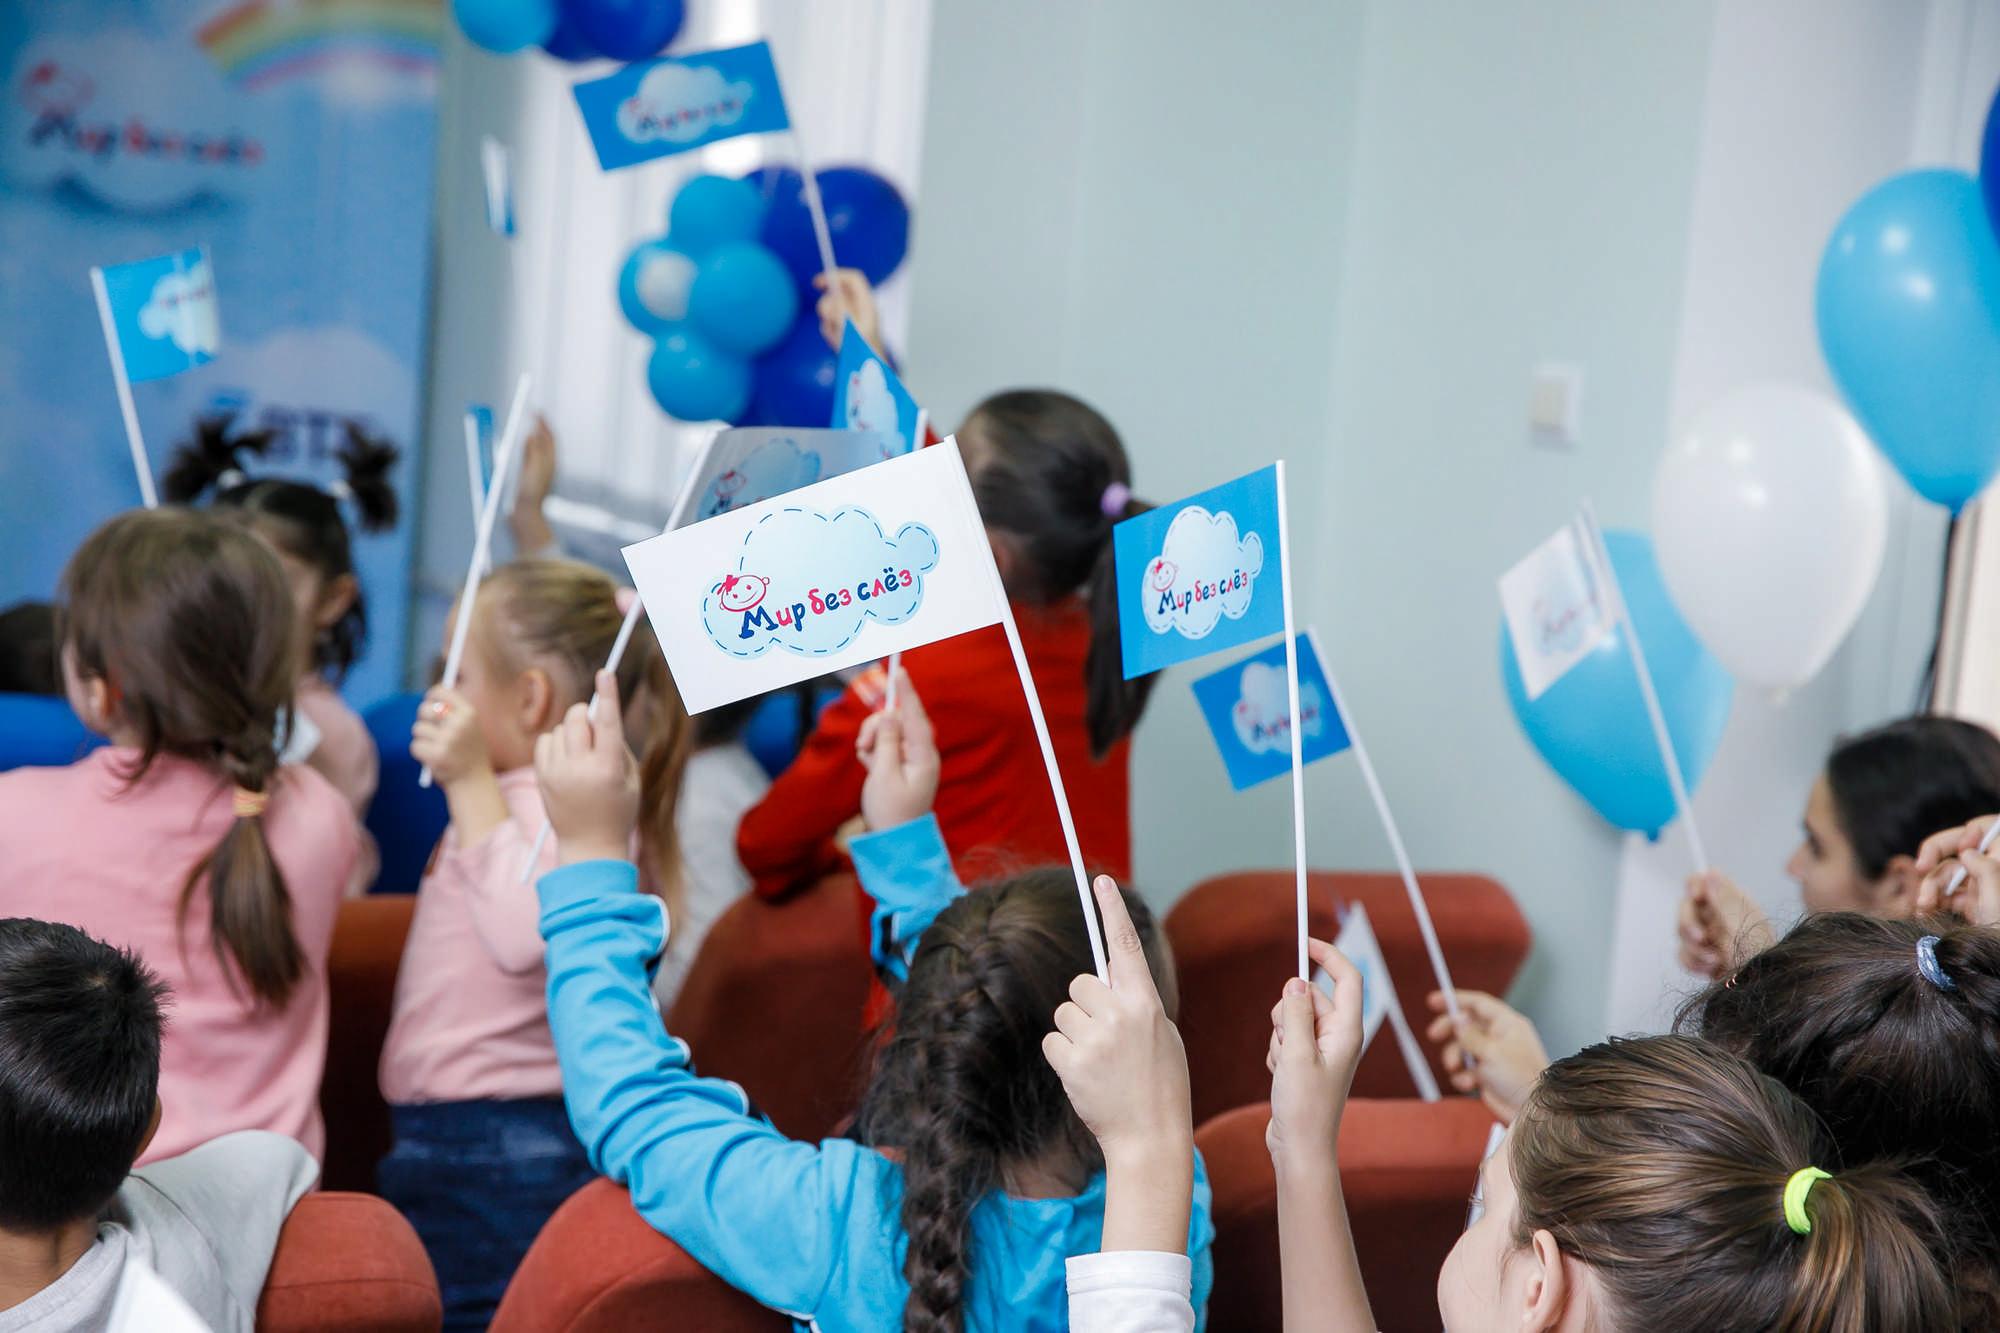 ВТБ в 2019 году выделил 75 млн рублей на развитие детского здравоохранения